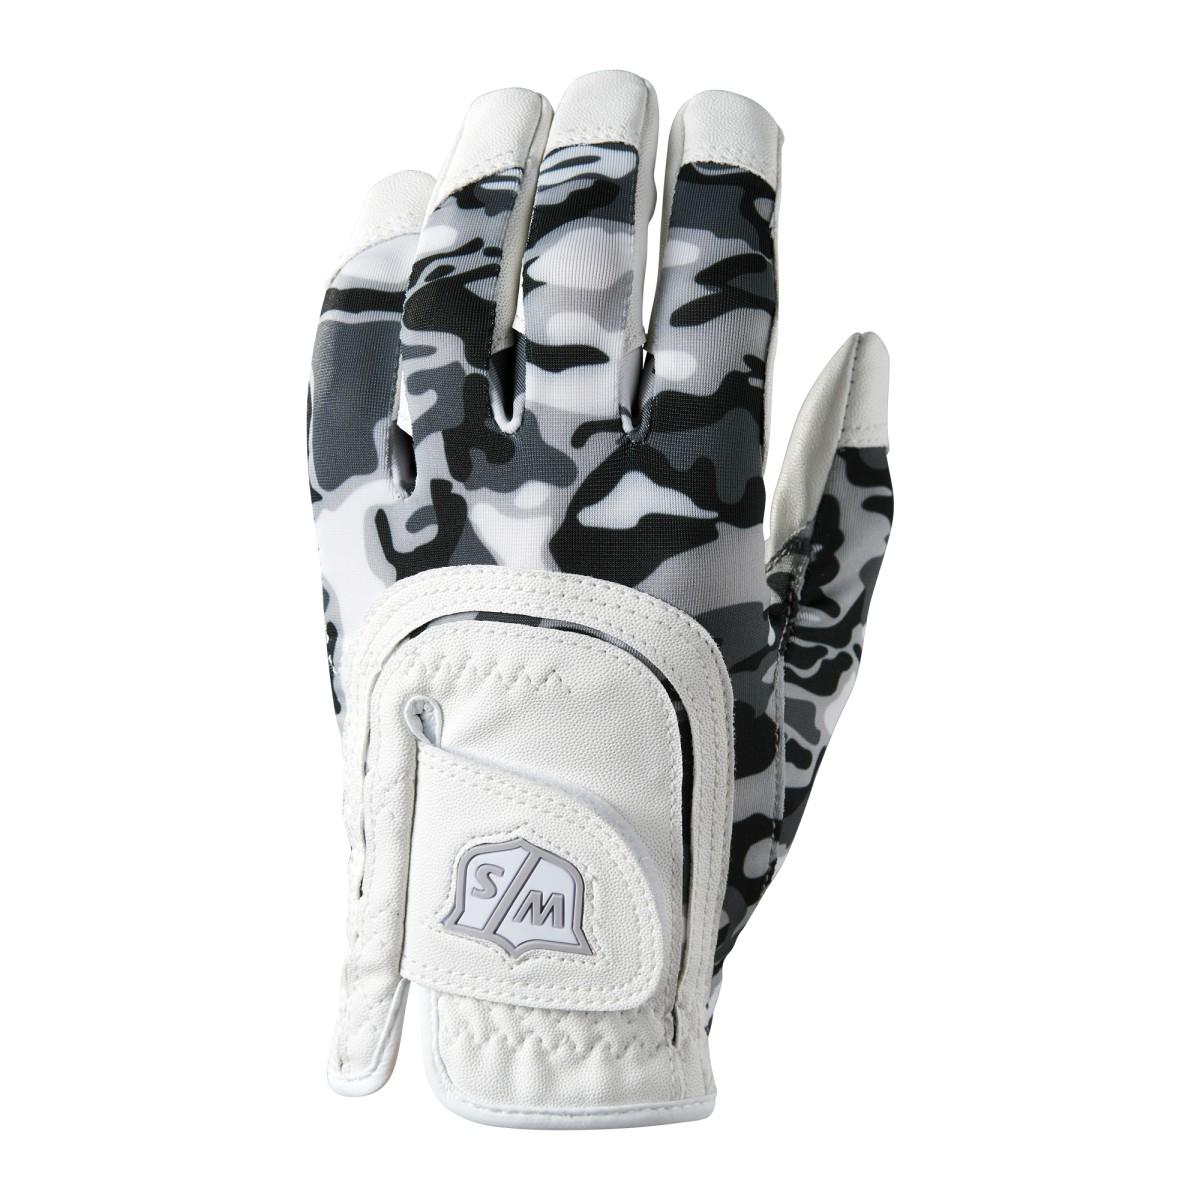 Wilson - Staff Fit All Junior- Glove